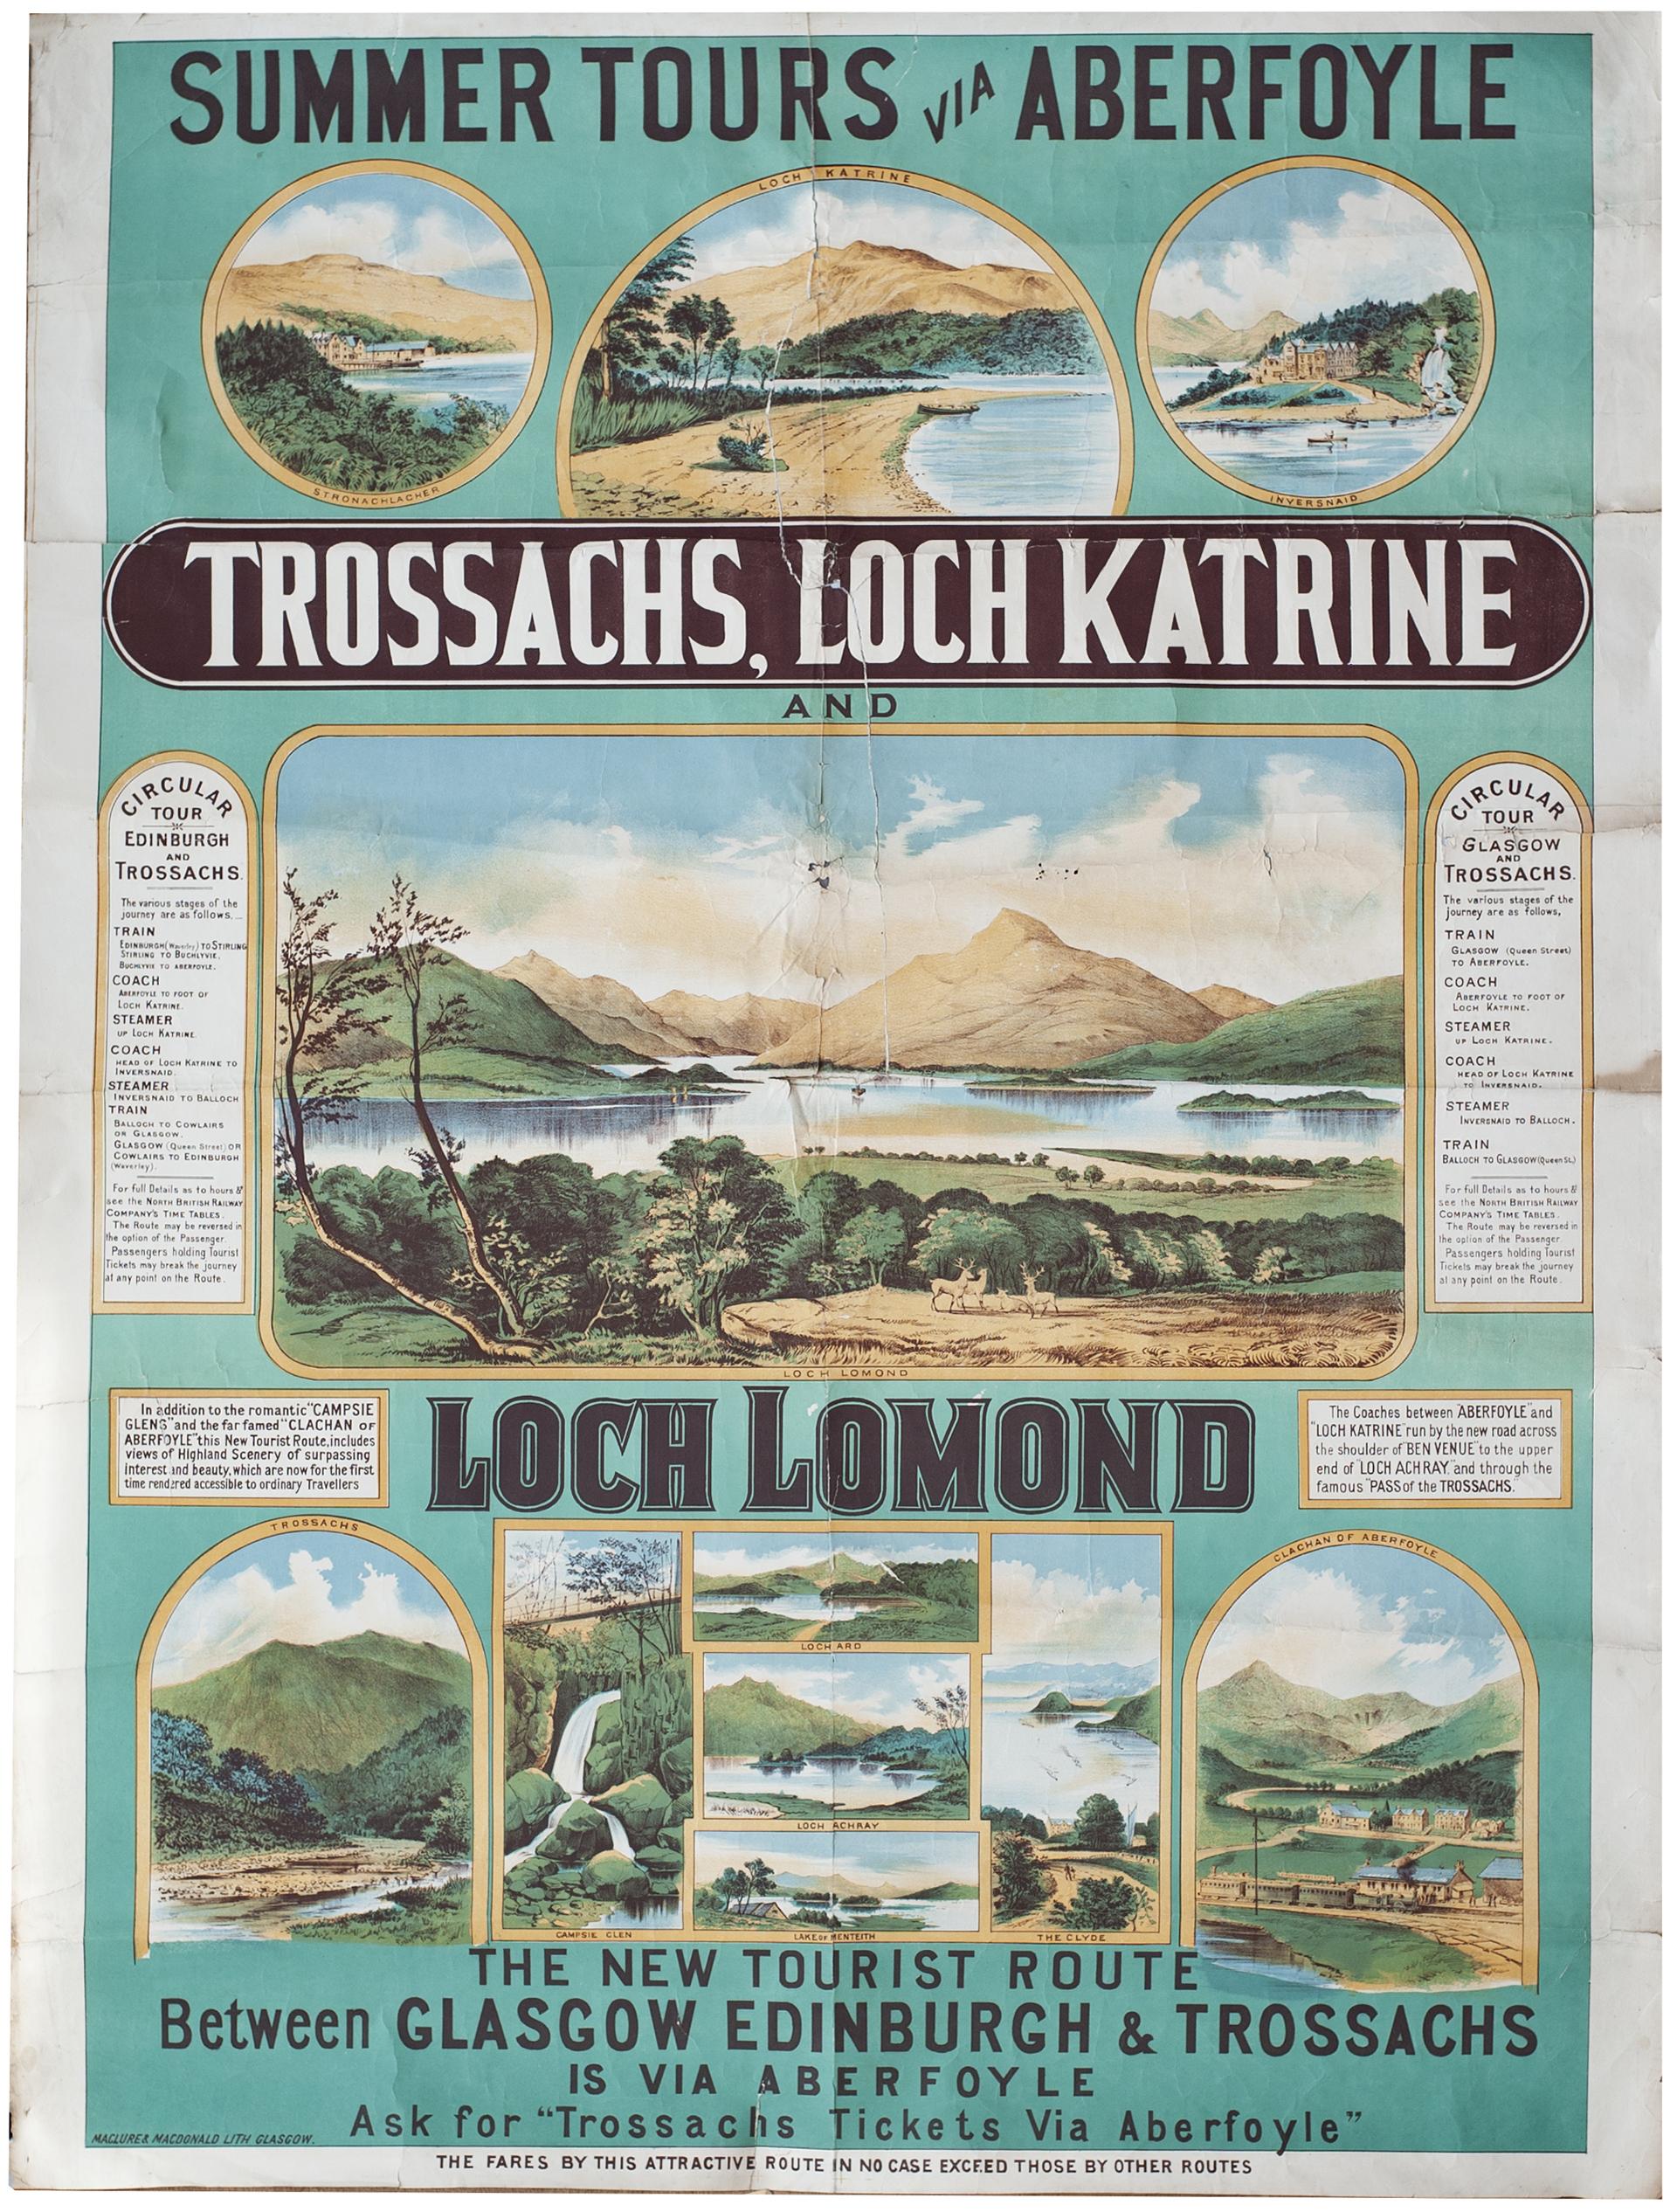 Poster NORTH BRITISH RAILWAY SUMMER TOURS VIA ABERFOYLE, TROSSACHS, LOCH KATRINE AND LOCH LOMOND.